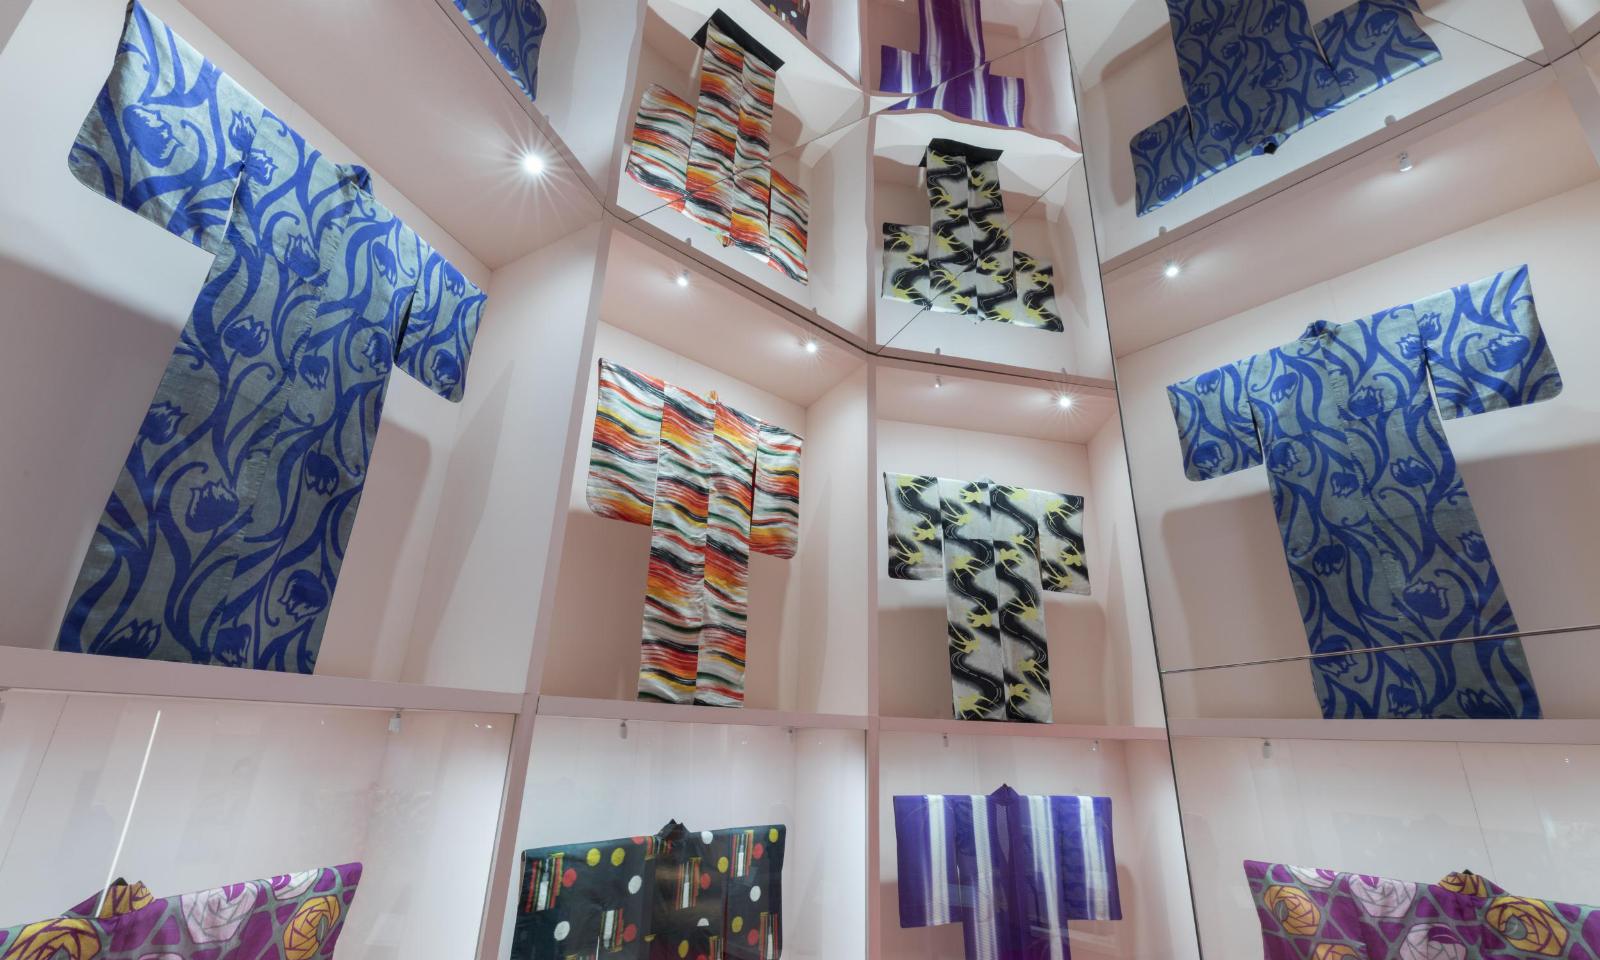 英国 V&A 博物馆将于线上带来日本和服历史展览